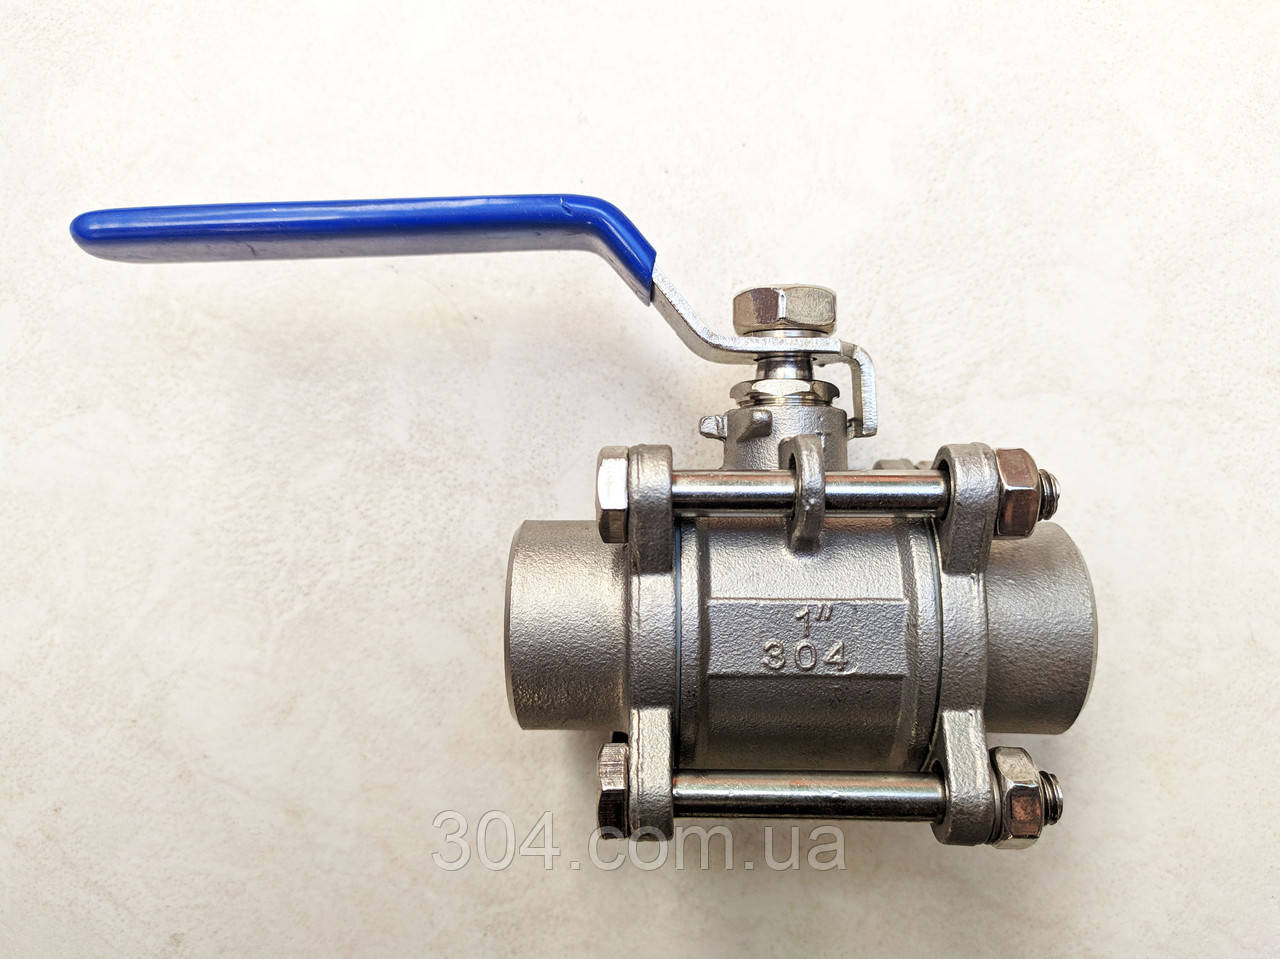 Шаровой кран нержавеющий 3-х составной, под приварку Ду 15 AISI 304